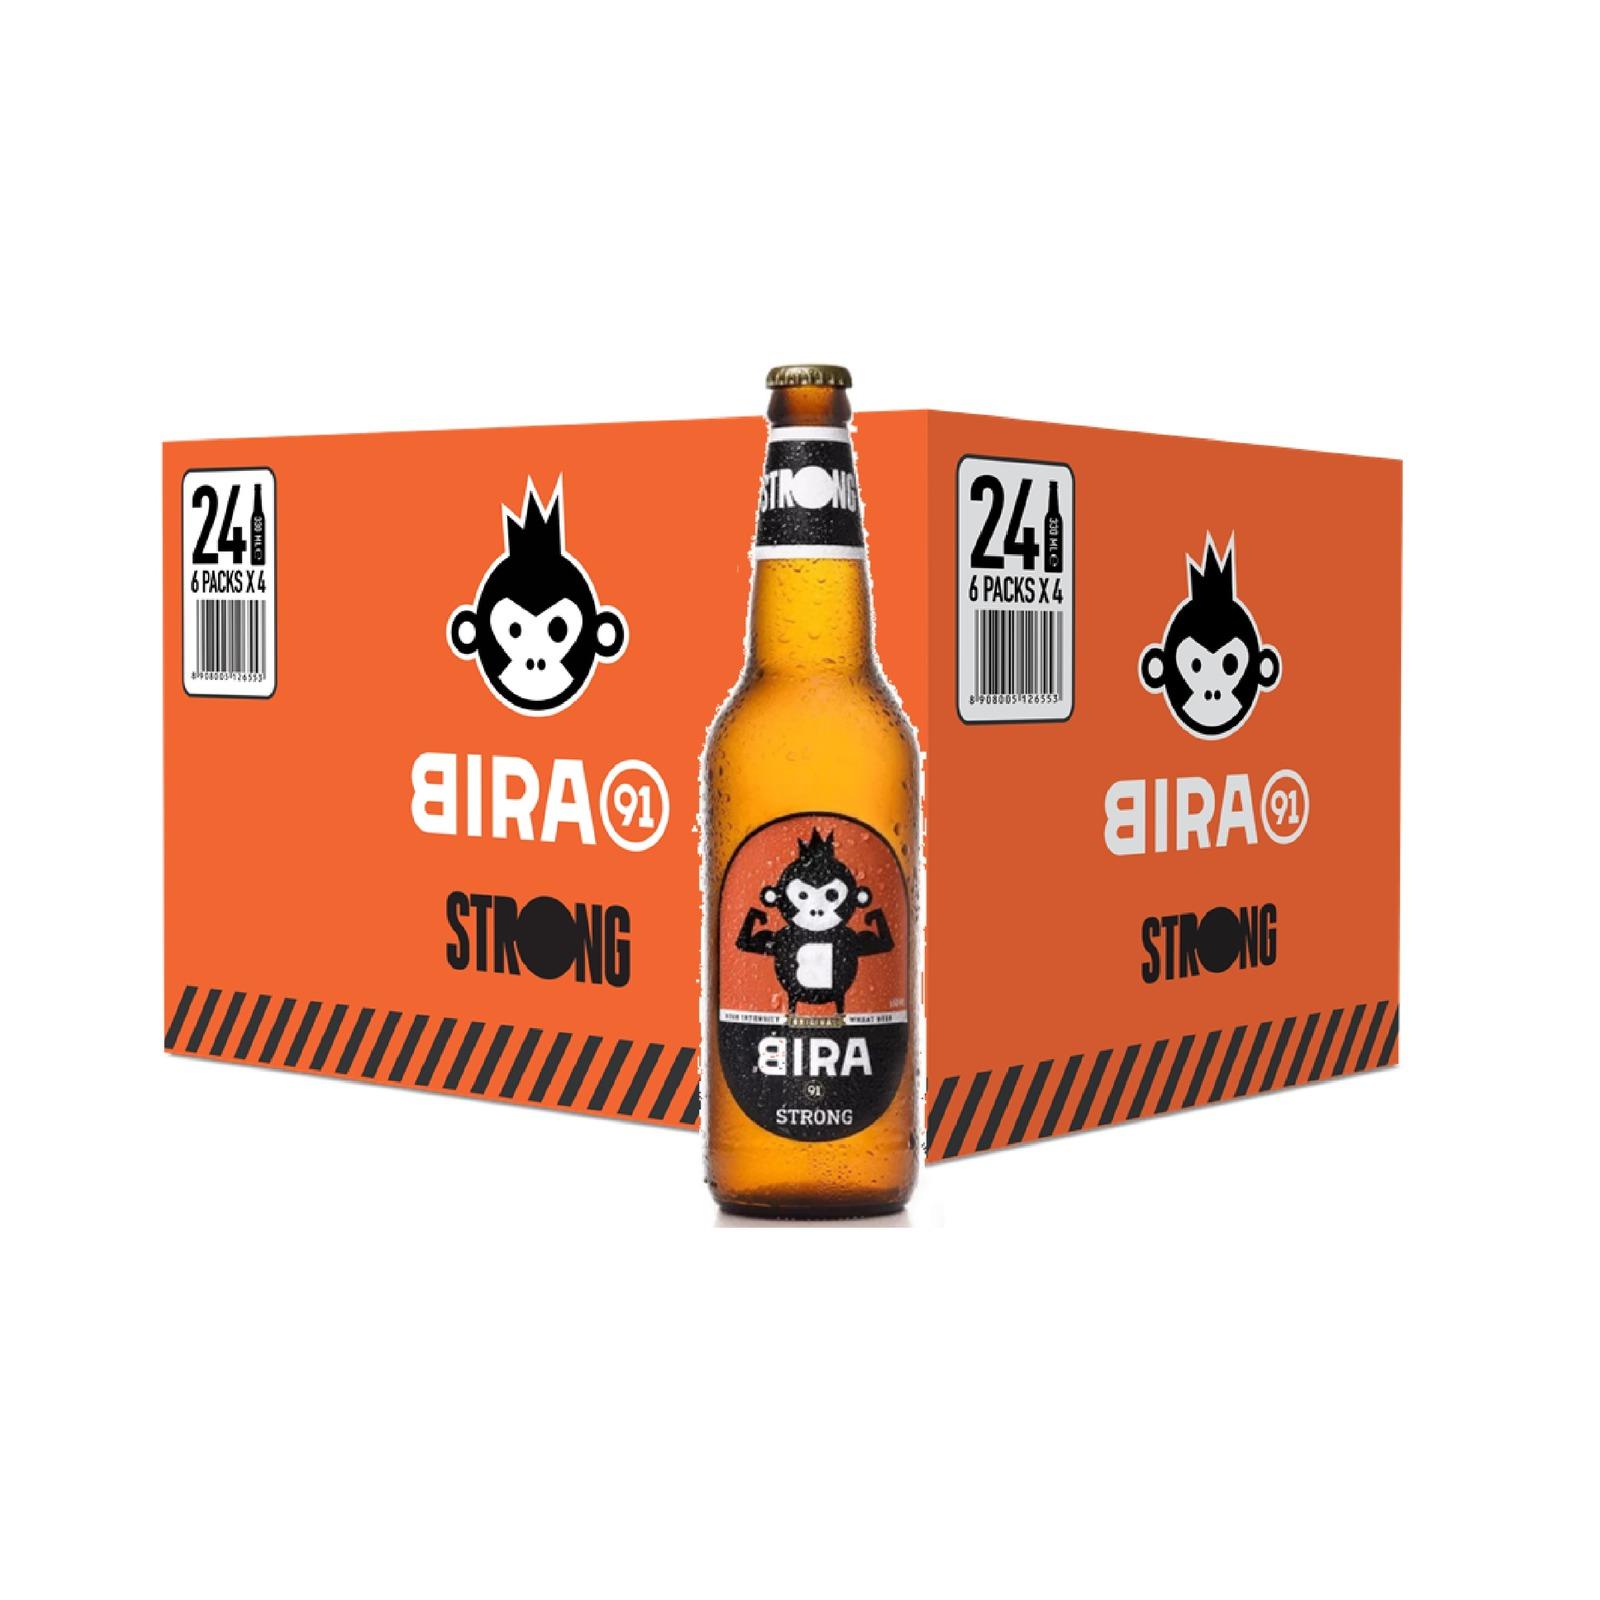 Bira 91 Strong Beer 6.5% Bottle - Case